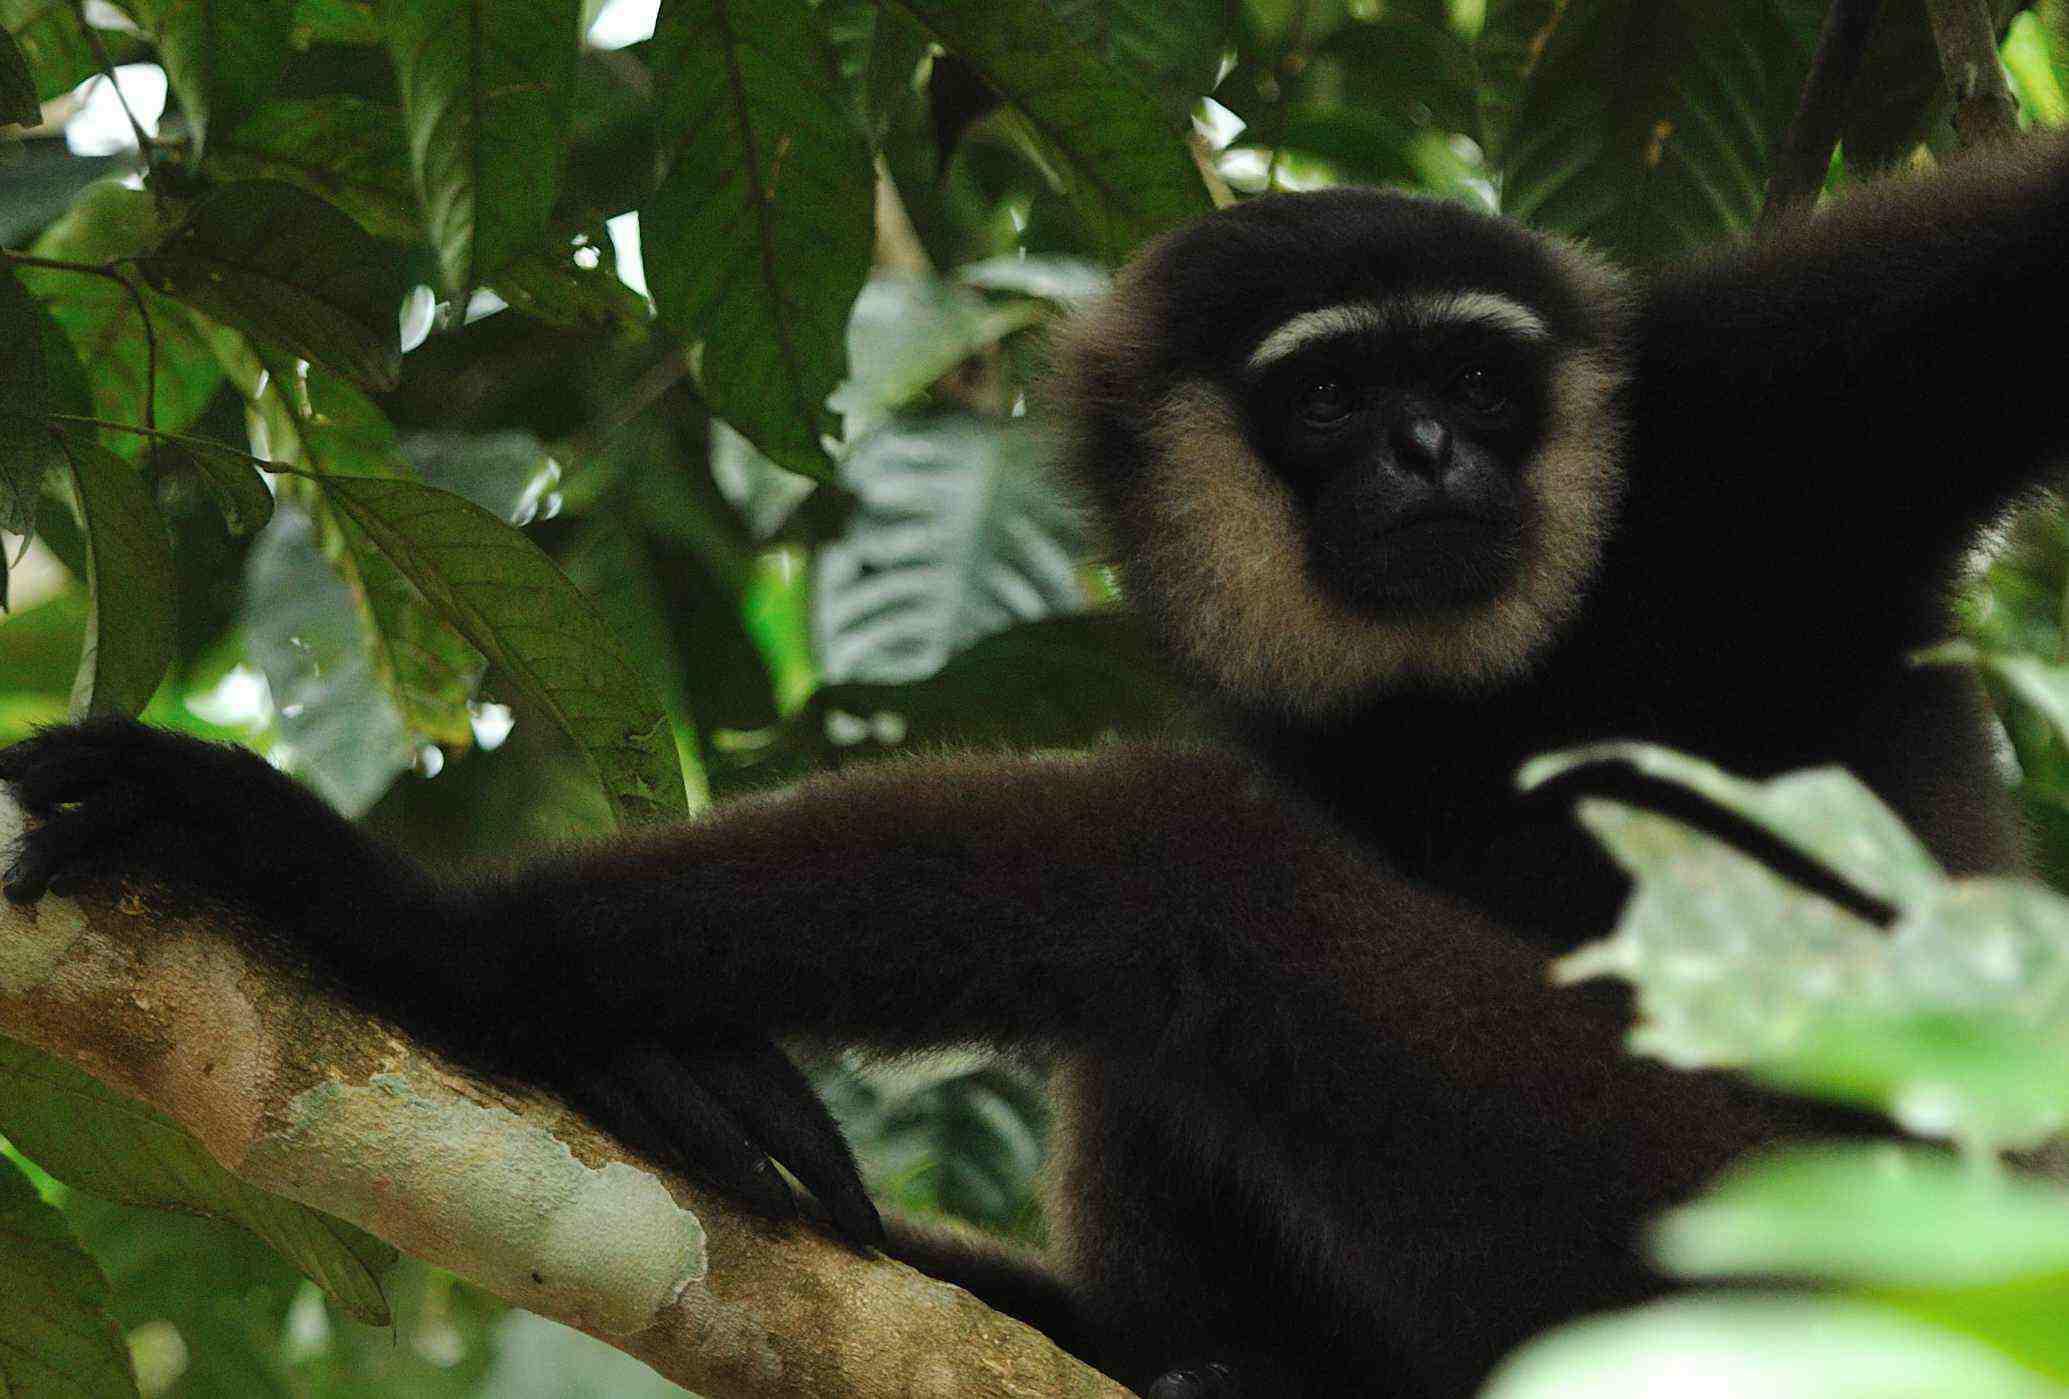 sebangau jungle rain forest orangutan wildlife safari trip